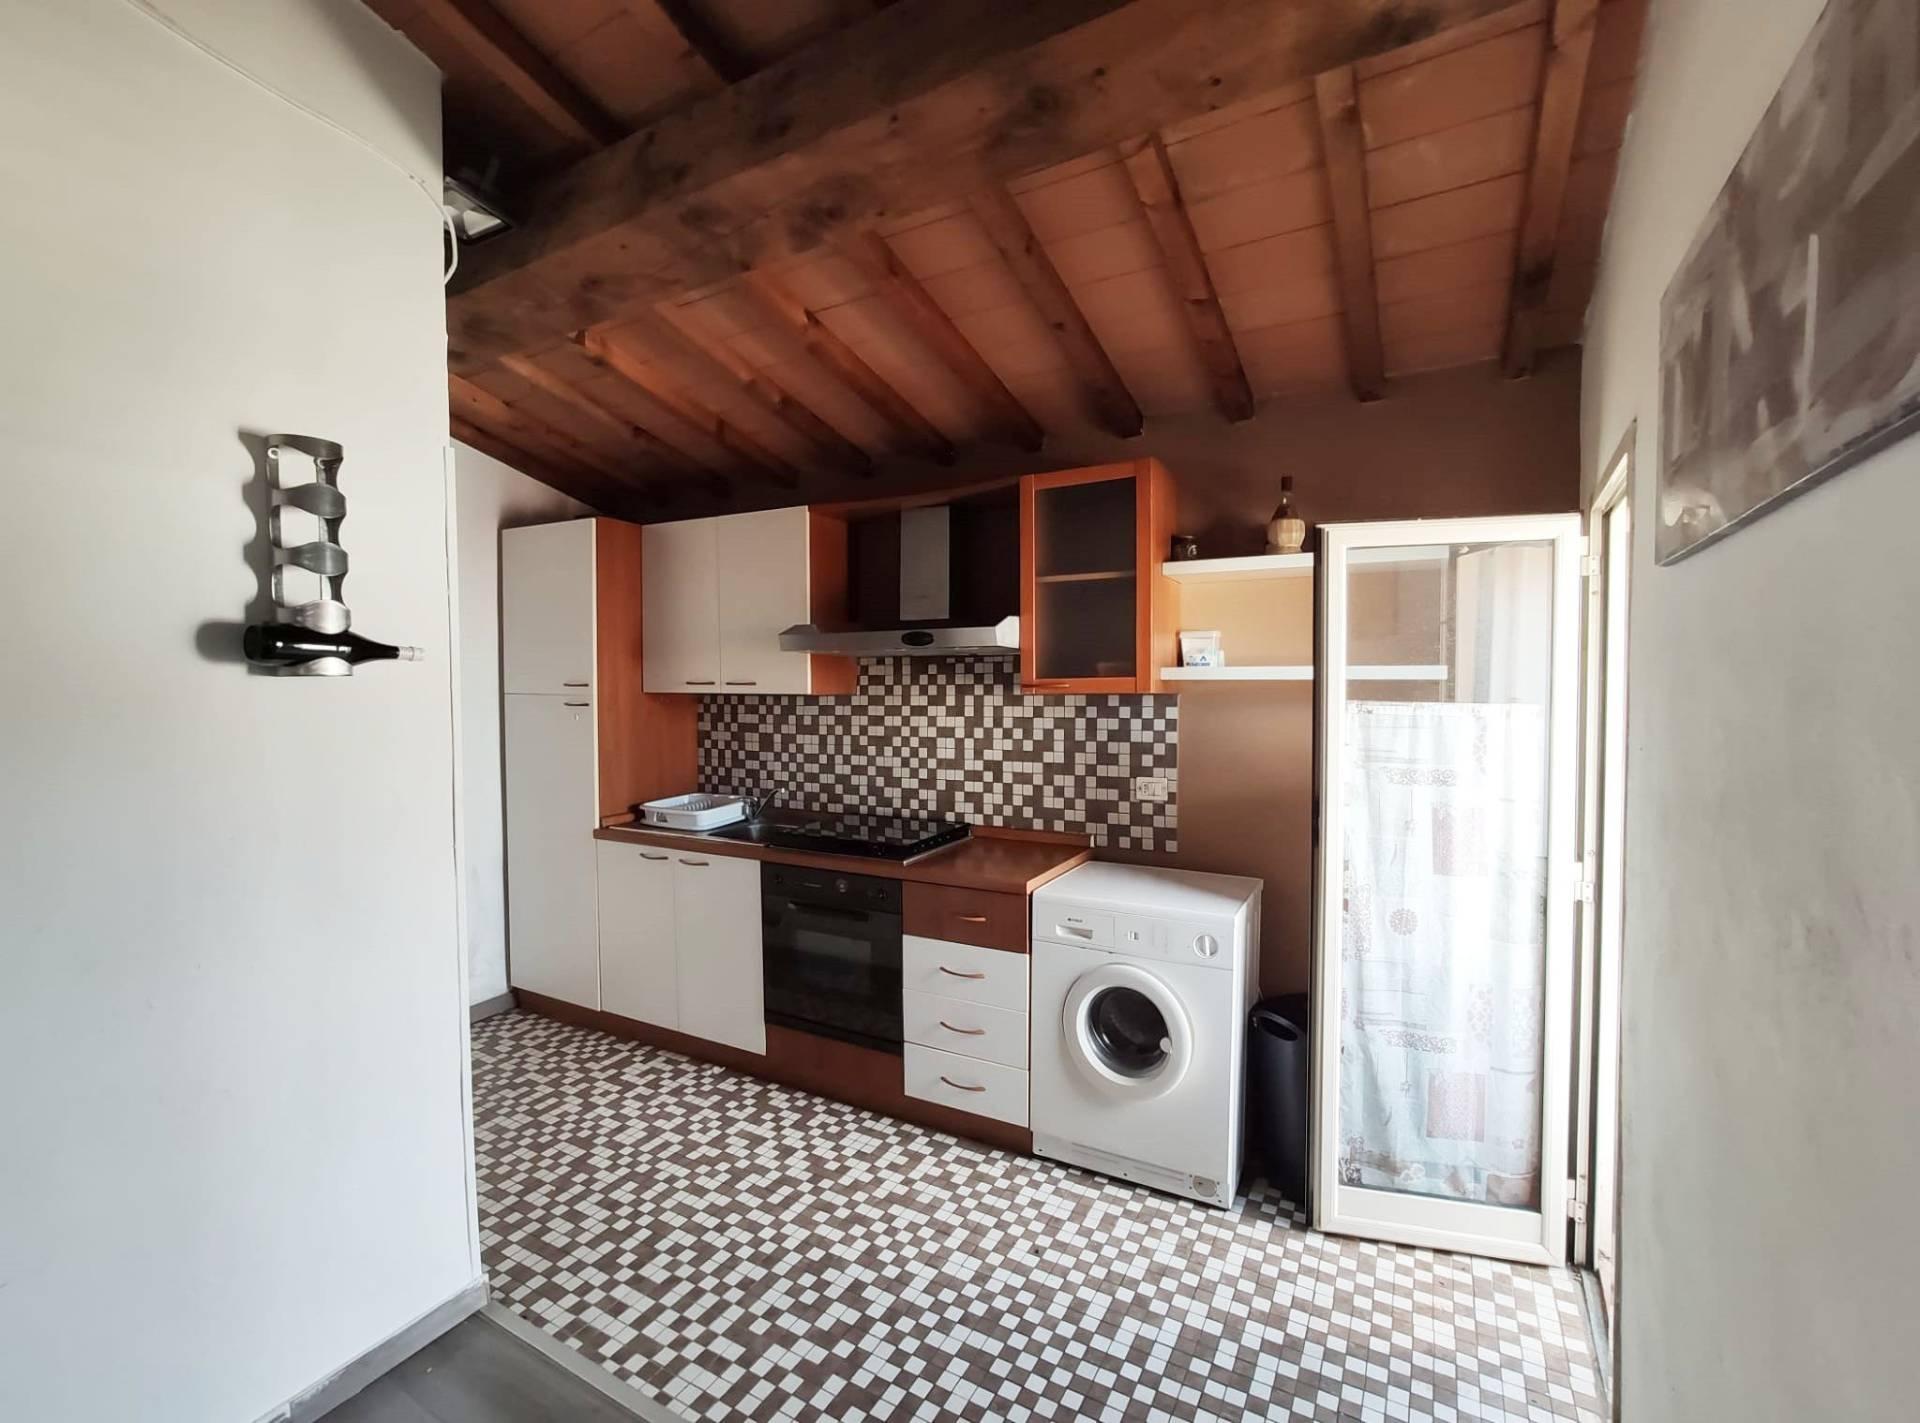 Appartamento in affitto a Empoli, 3 locali, zona Località: Ztl-Centro, prezzo € 580 | PortaleAgenzieImmobiliari.it